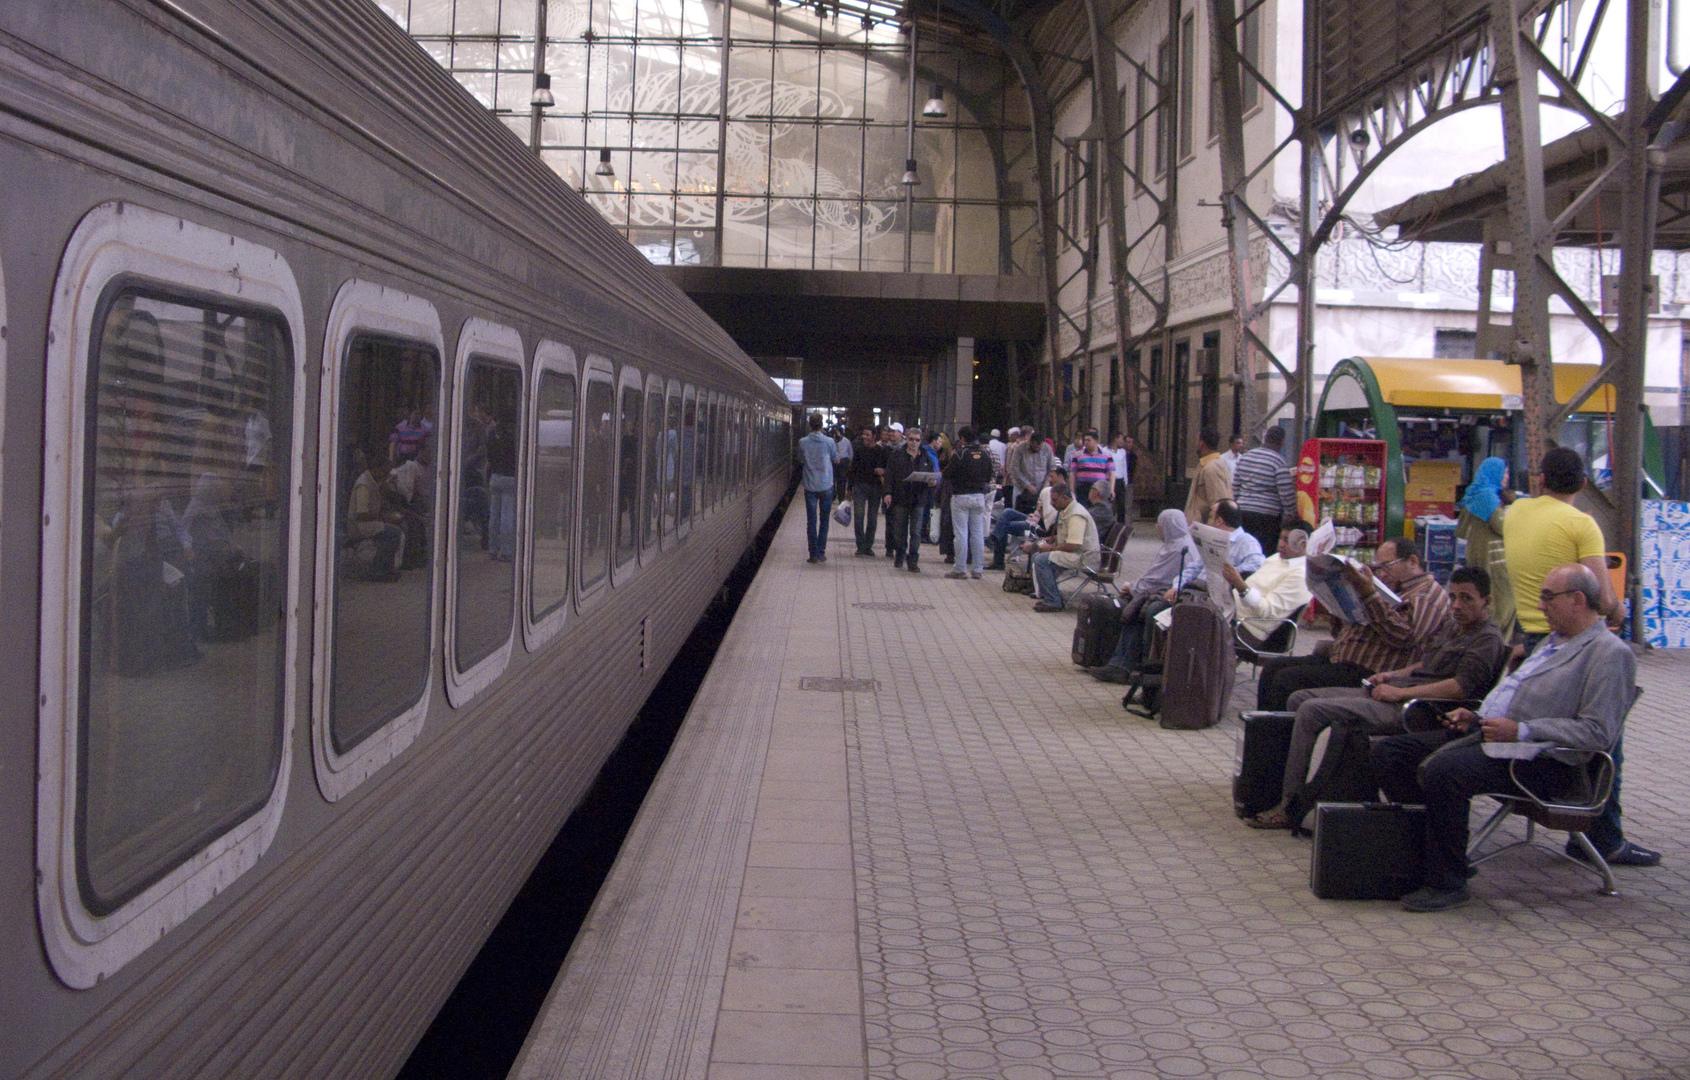 مصر.. تنفيذ أول مشروع قطار سريع لمسافة 660 كم وبتكلفة 9 مليارات دولار